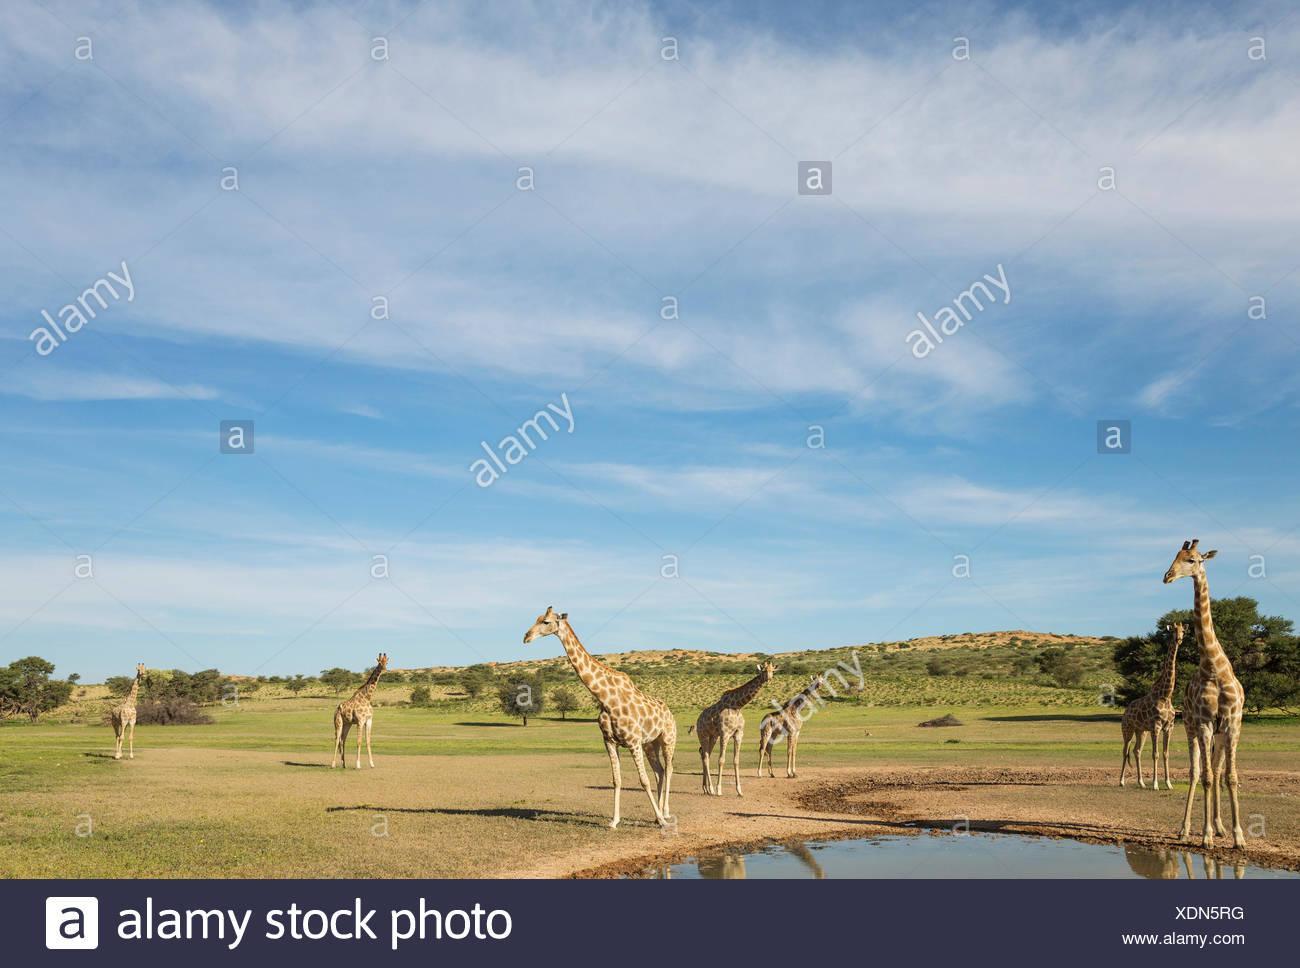 Le sud de Girafe (Giraffa giraffa) troupeau. Réunis à une piscine d'eau de pluie dans le lit de la rivière Auob Photo Stock